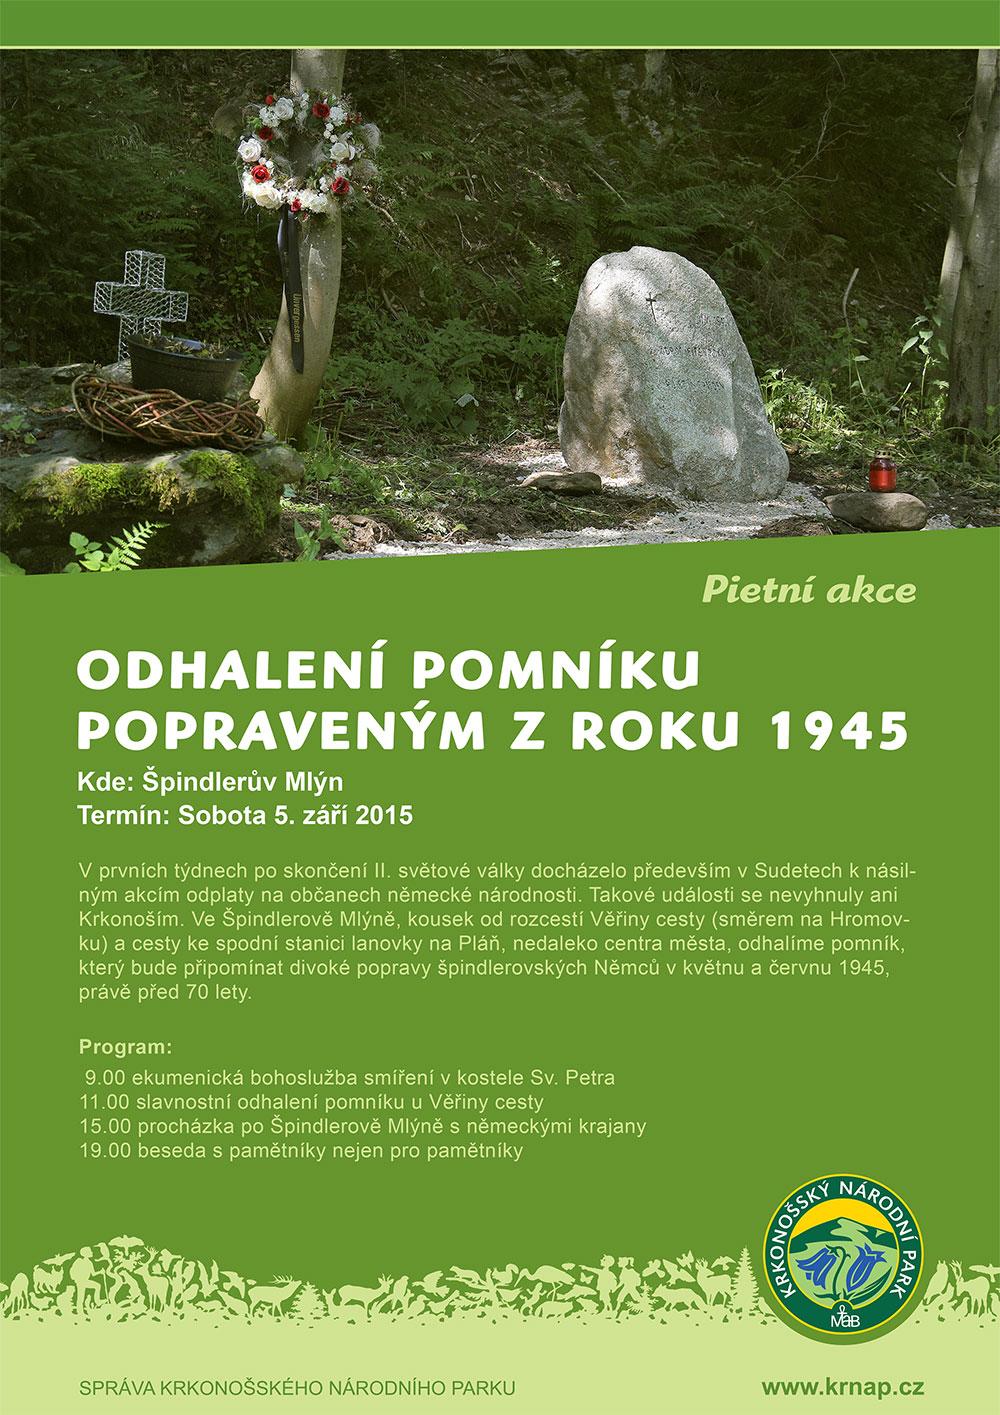 Odhalení pomníku popraveným z roku 1945